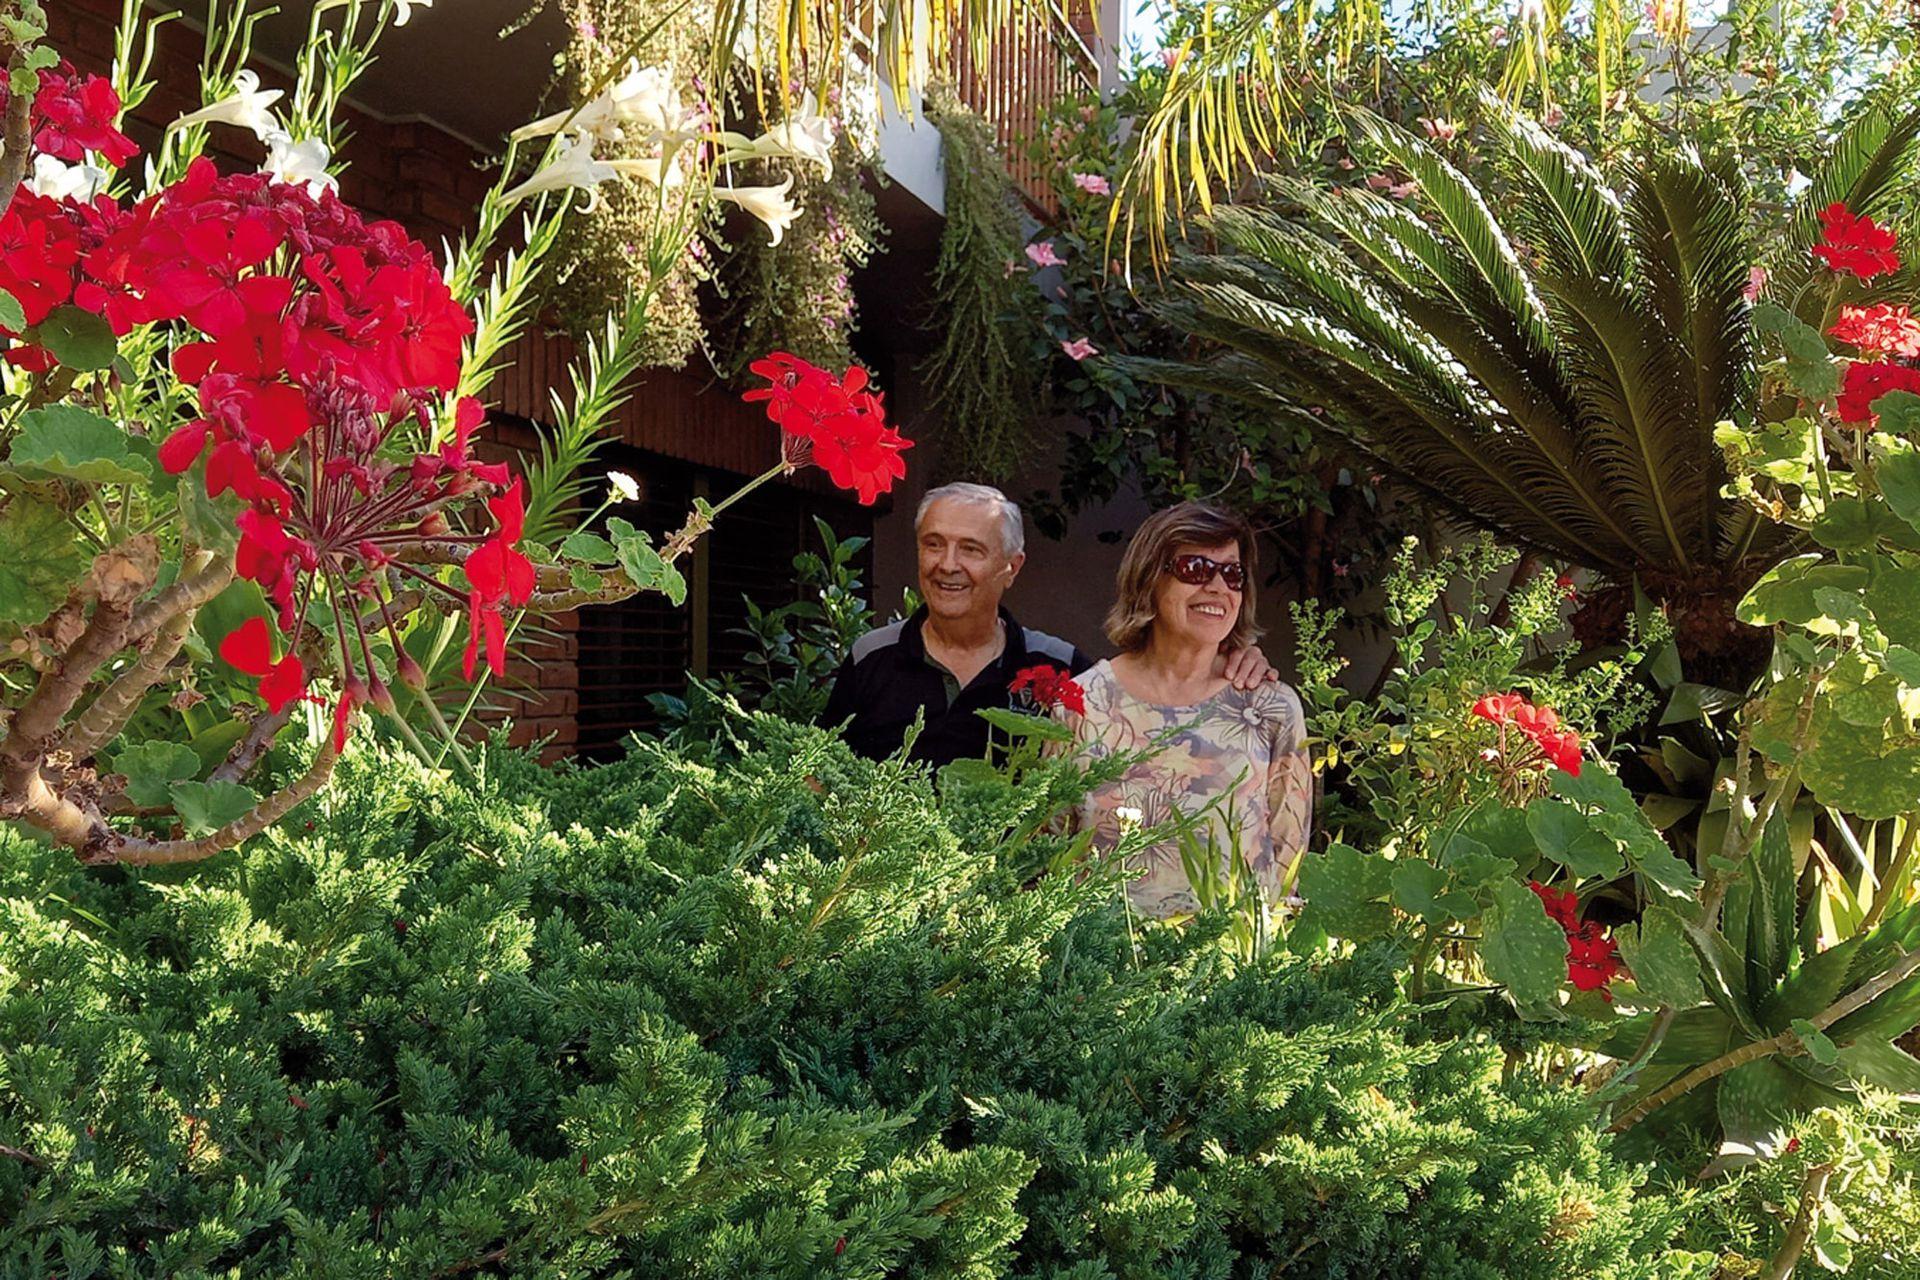 El jardín de los amantes acaricia la vereda. En un relato breve pero bello, en esta entrada de su cuenta de Instagram, el autor cuenta la historia del matrimonio de Oscar y Beatriz.